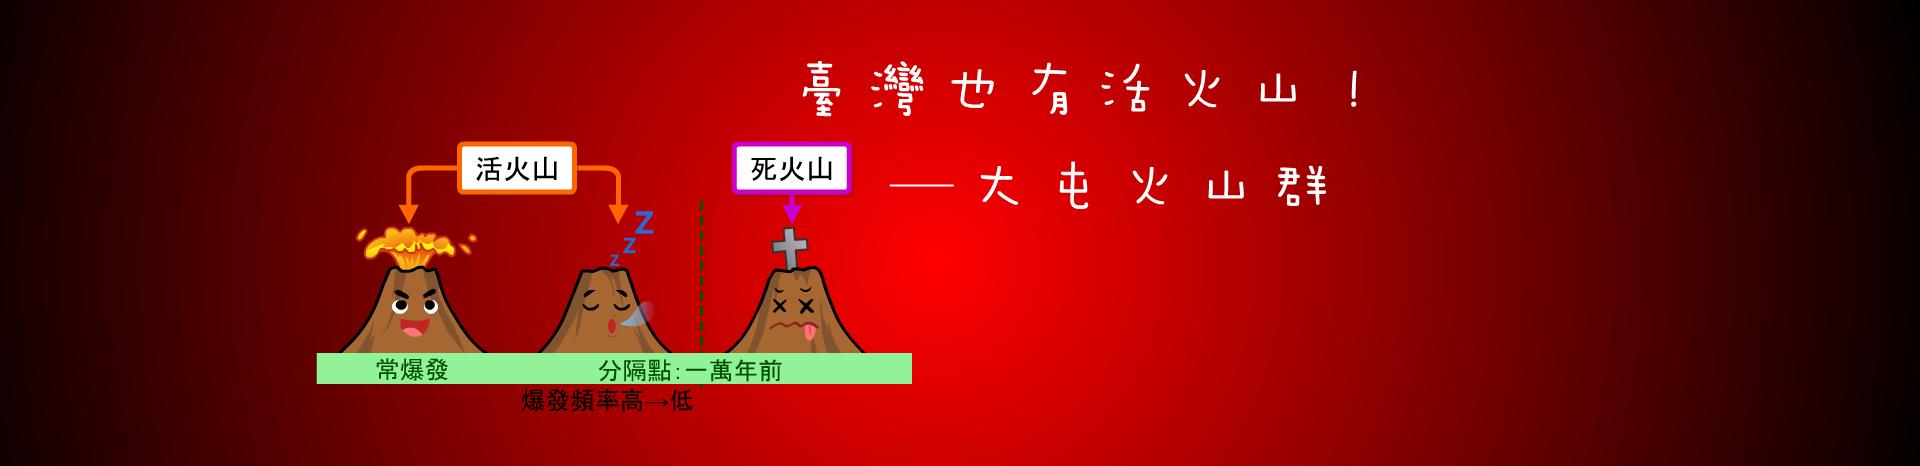 臺灣也有活火山!──大屯火山群